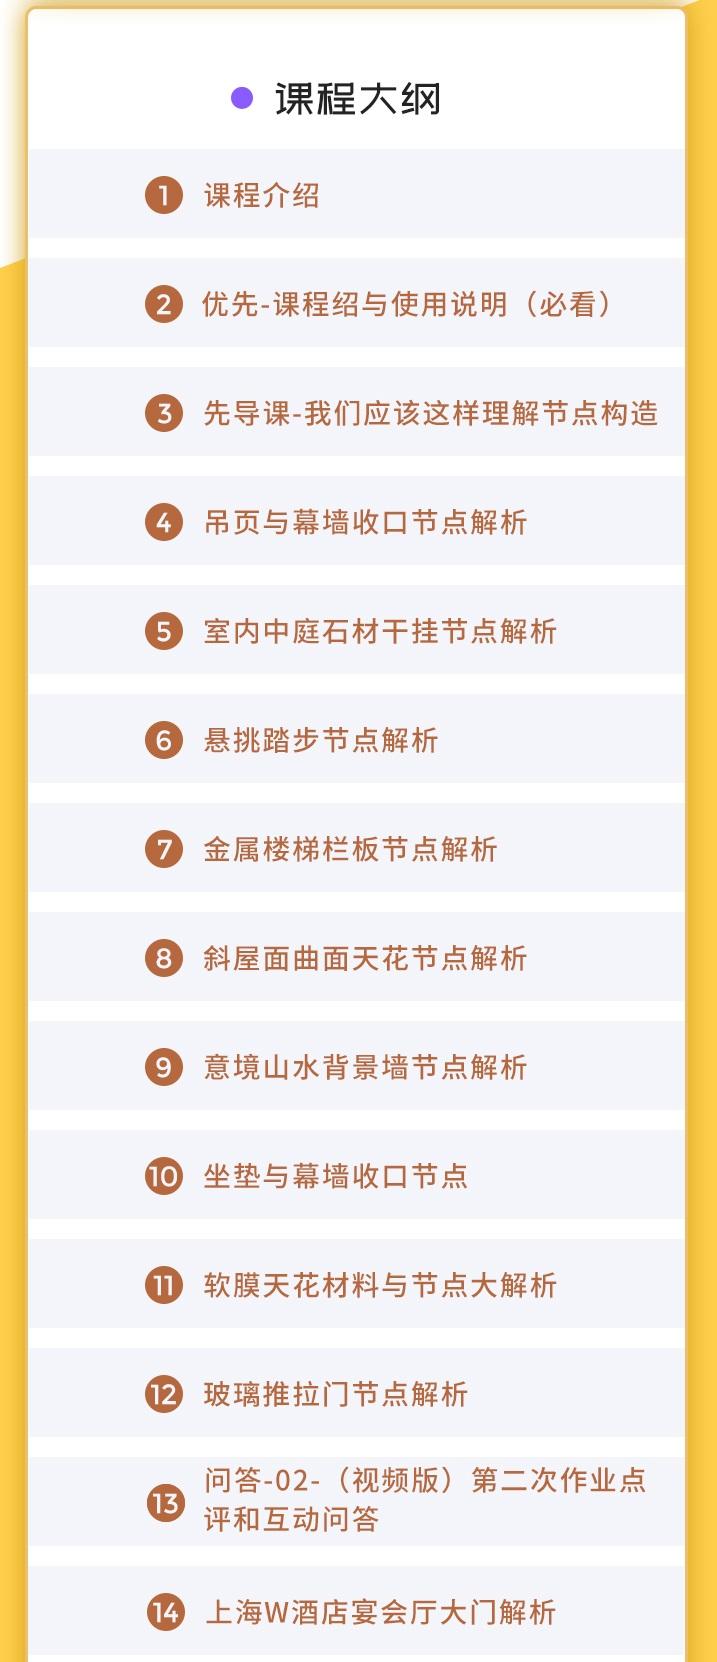 工艺节点提升计划(详情页匹配)_07.jpg